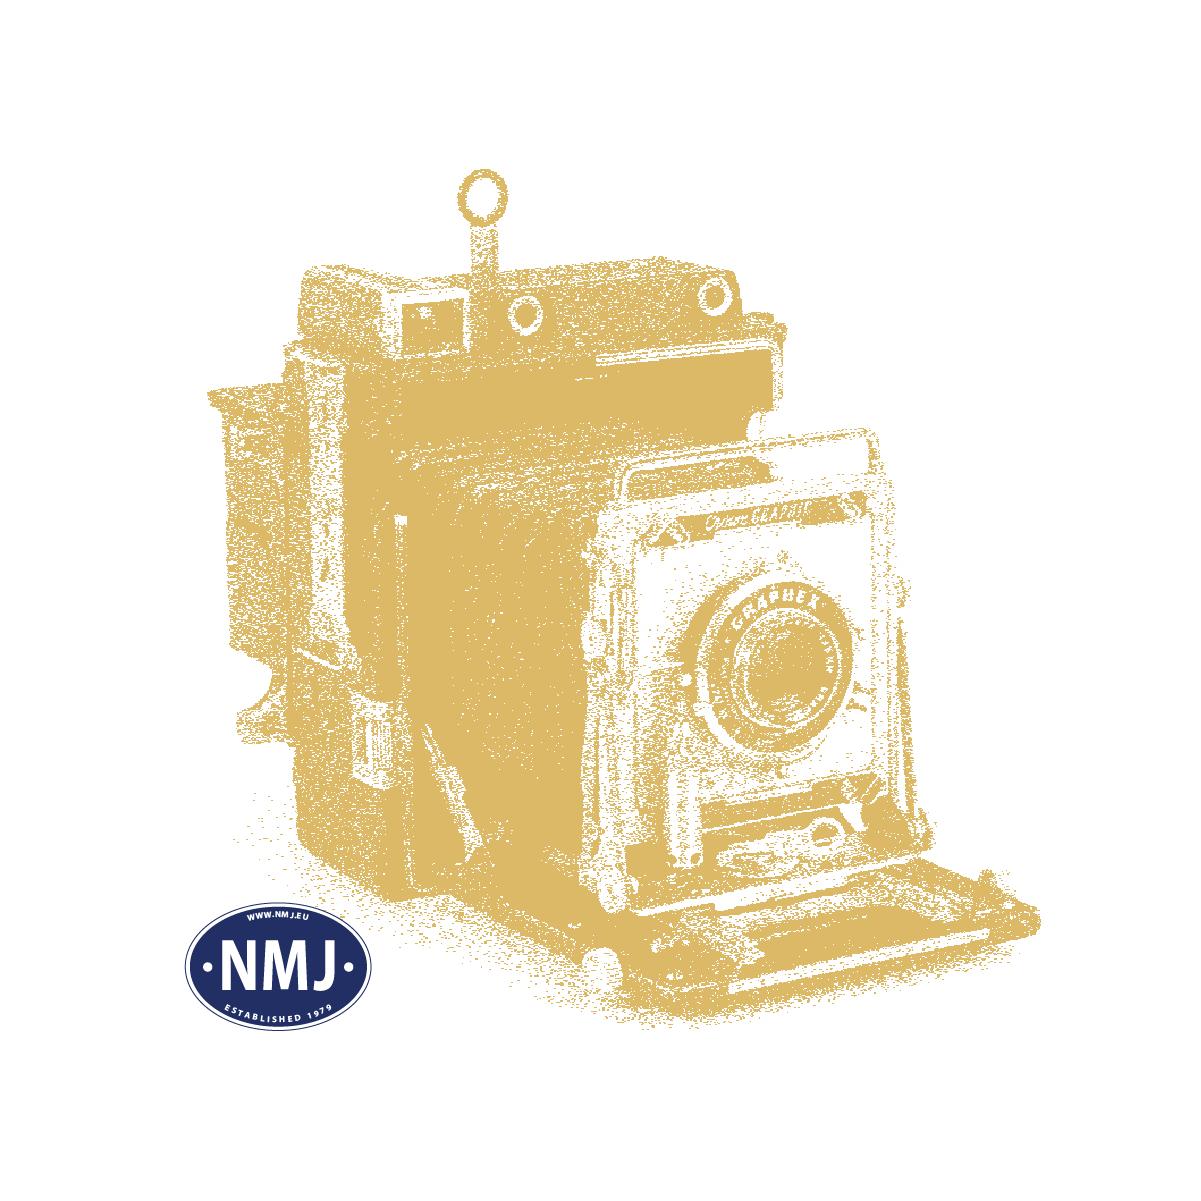 NMJE89903 - NMJ H0 Display Case, 36 Cm